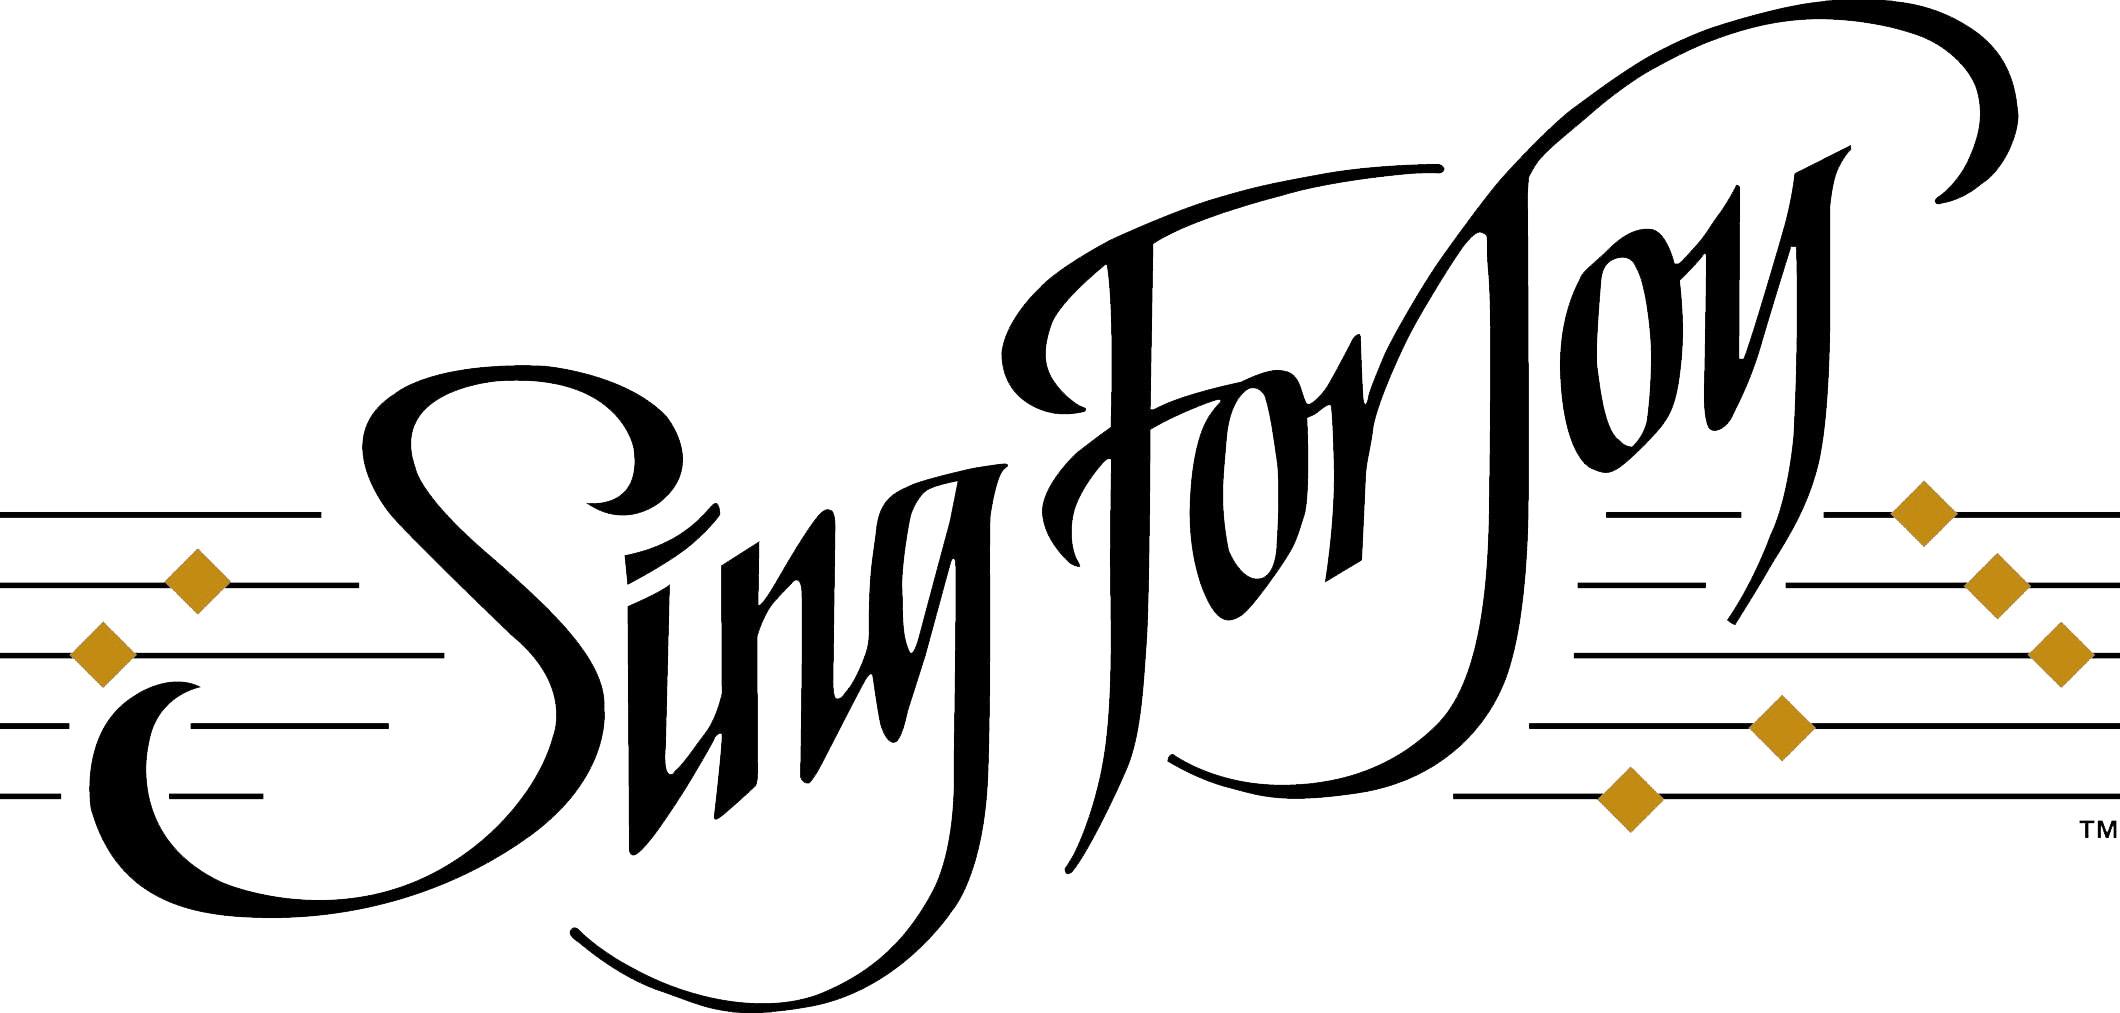 banner free download Choir clip art library. Chorus clipart word.